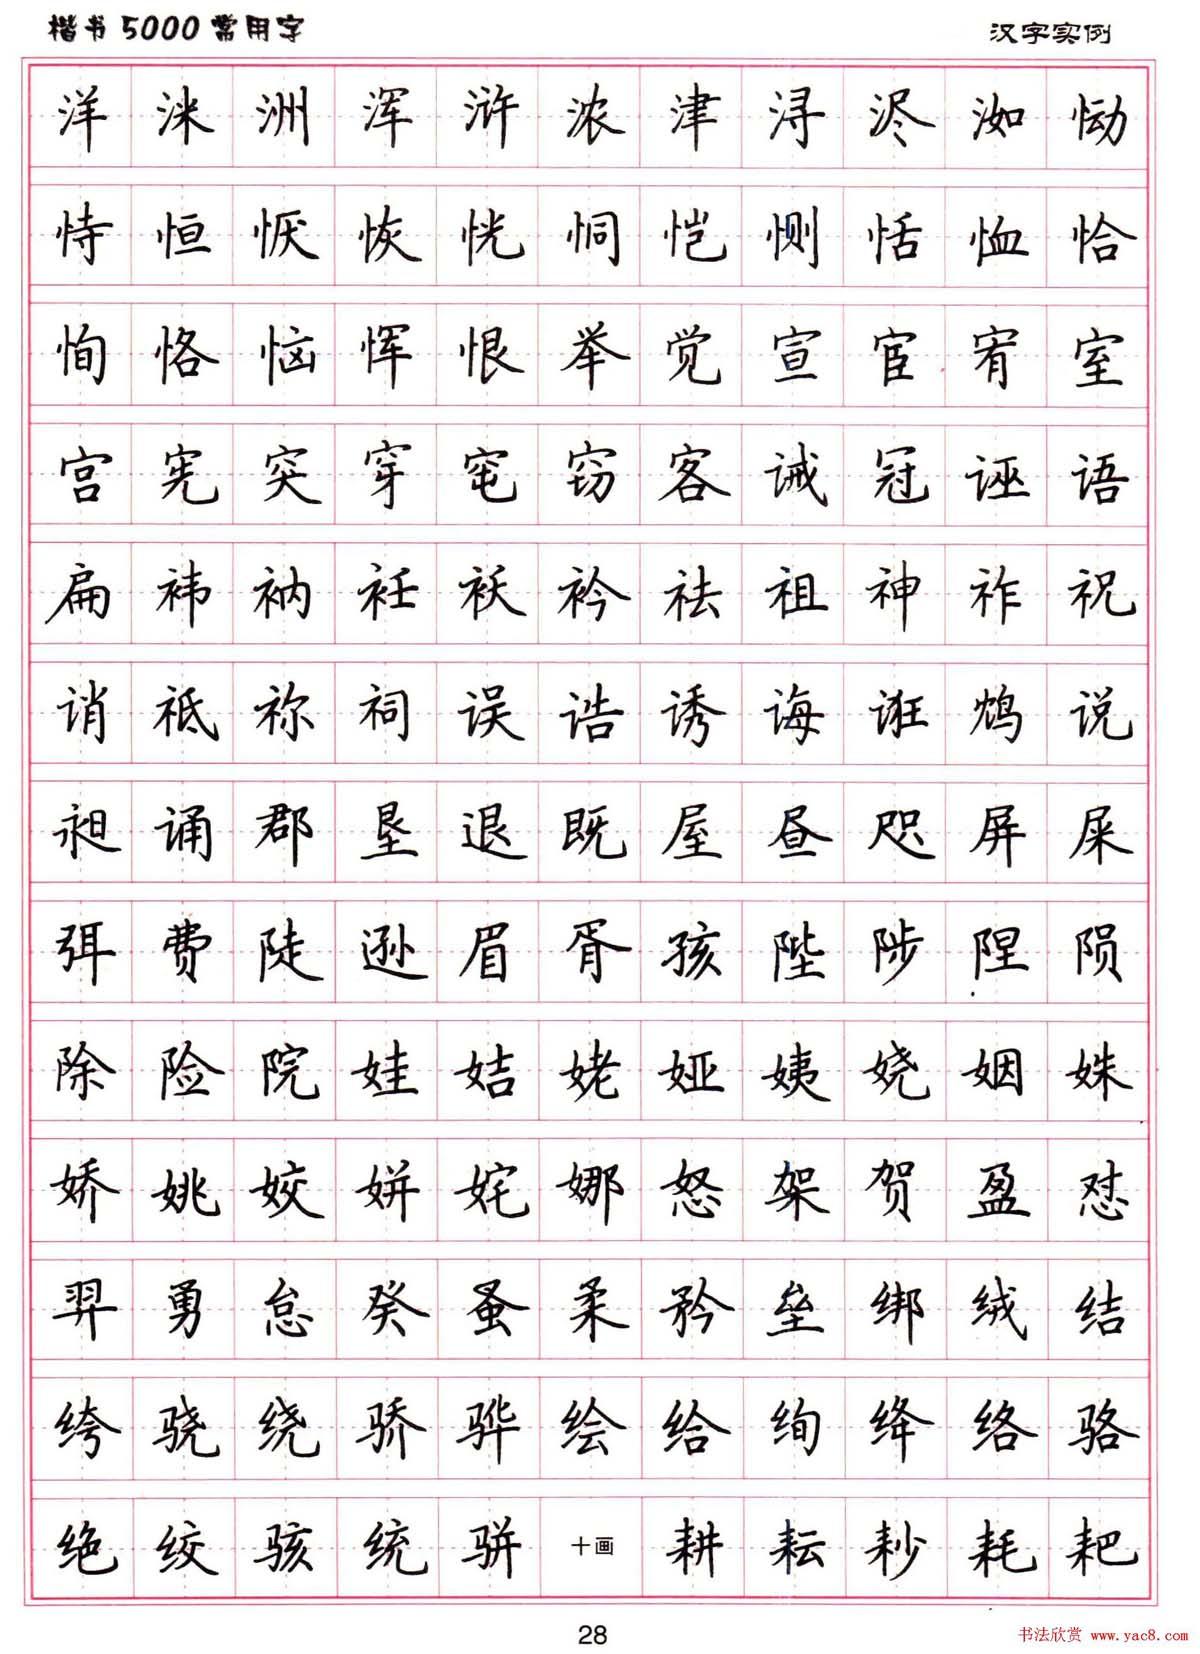 硬笔书法字帖《楷书5000常用字》(二)图片